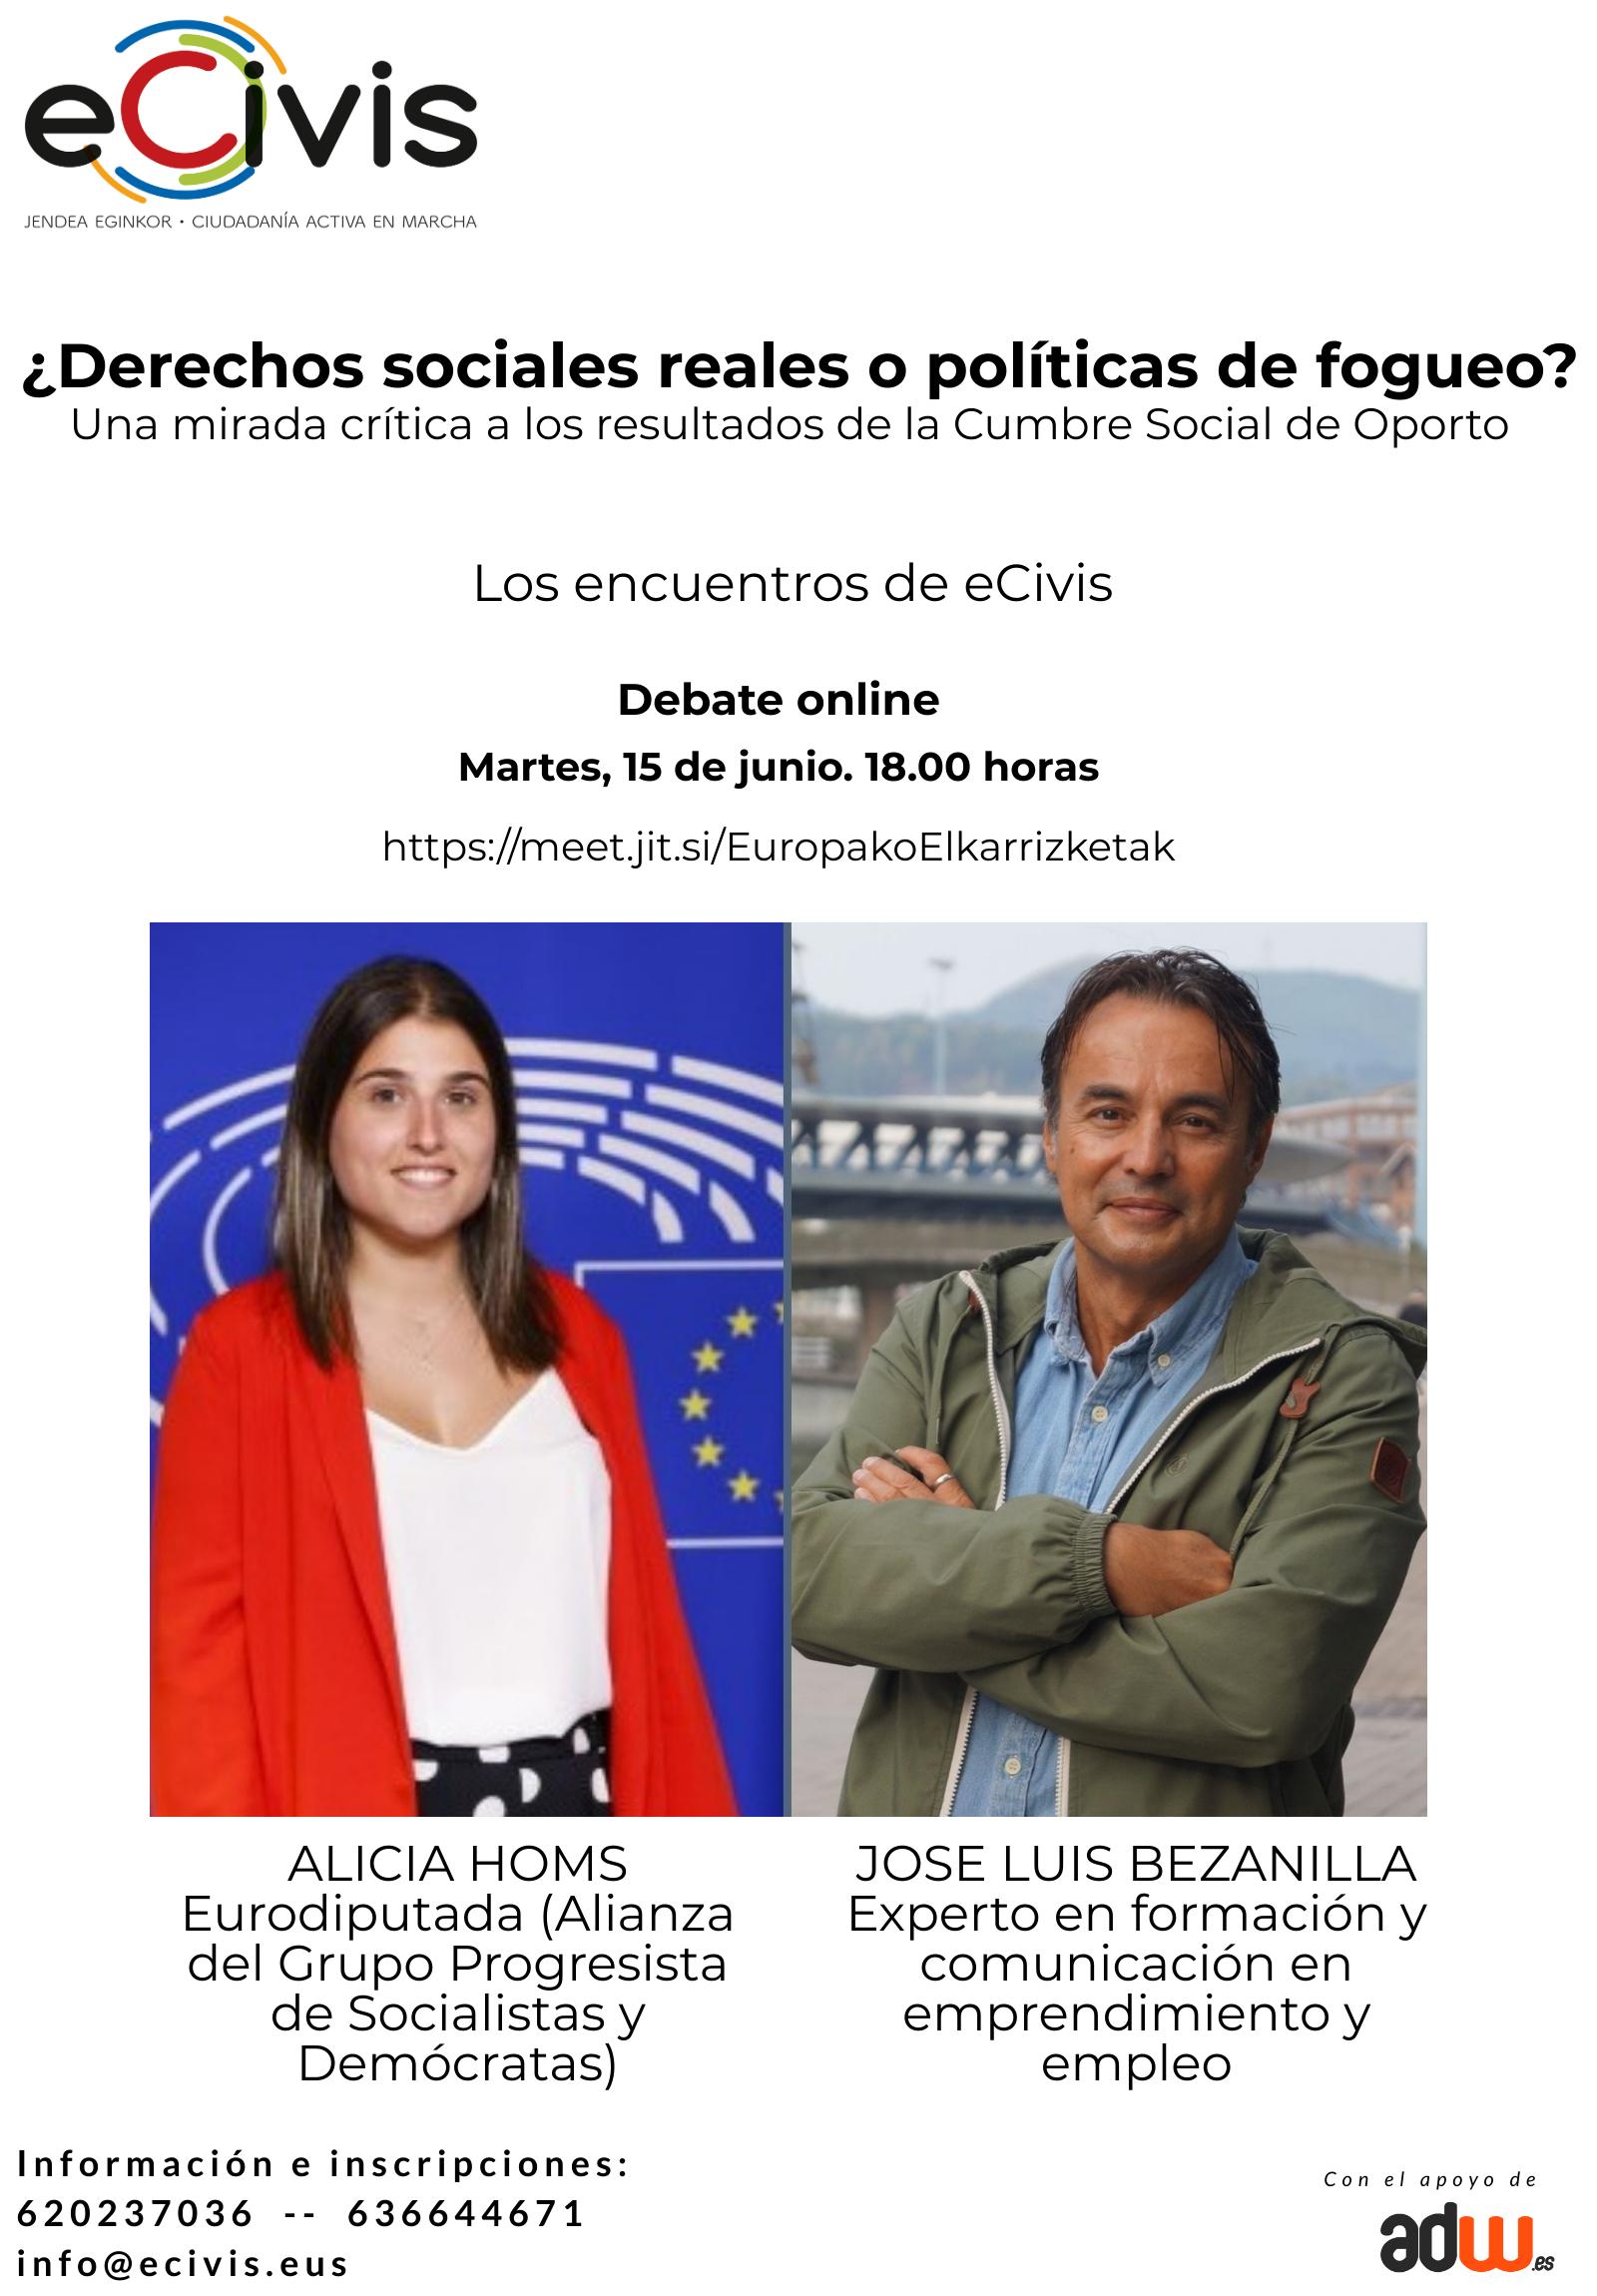 ¿Derechos Sociales o políticas de fogueo? Una mirada crítica a los resultados de la Cumbre Social de Oporto